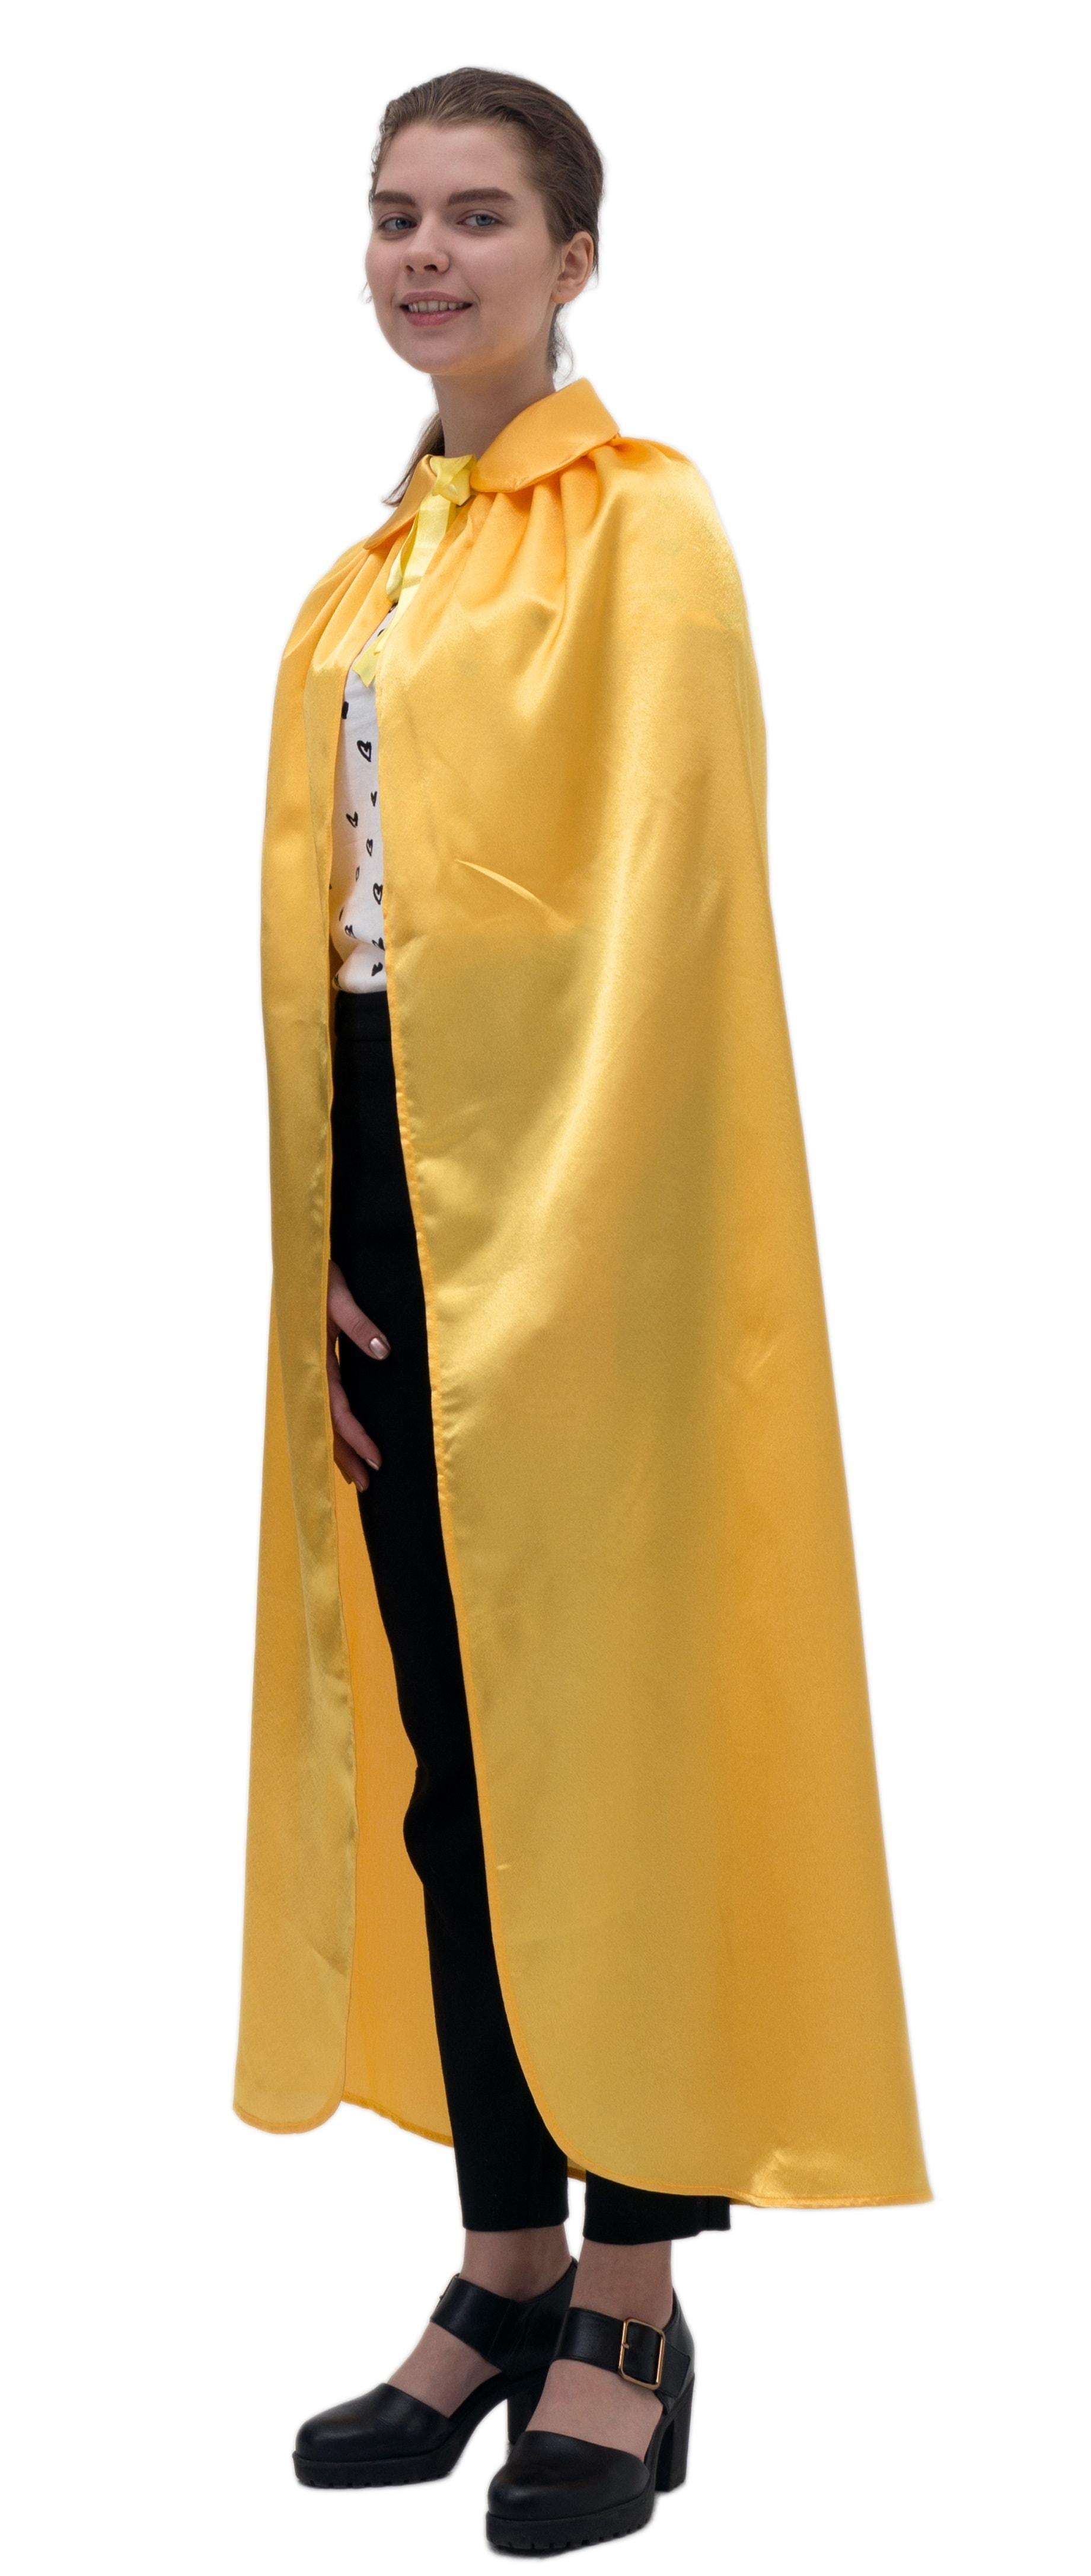 Купить Желтый атласный плащ с воротником Птица Феникс p1019,